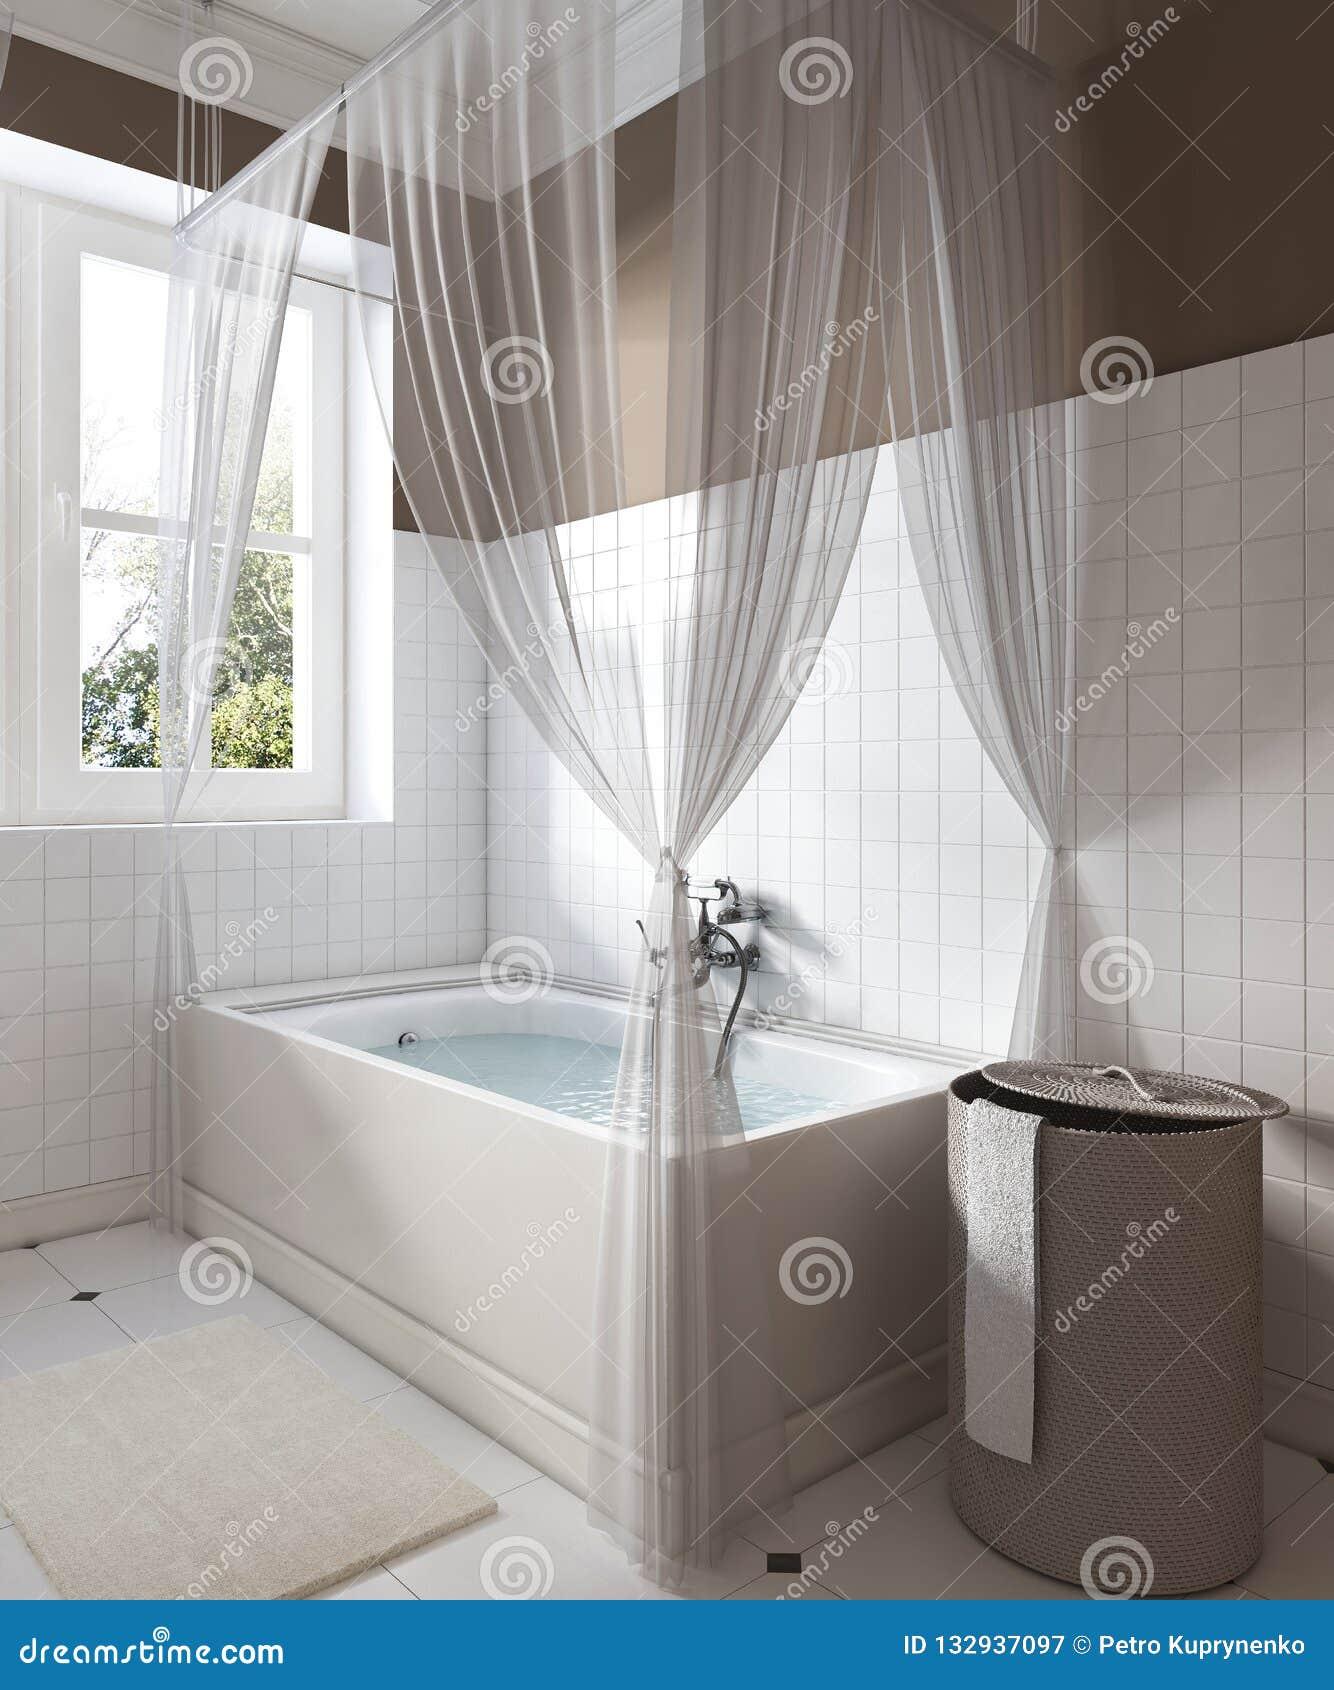 Luxury Bathtub With Curtain Bath In Classic Bathroom Stock